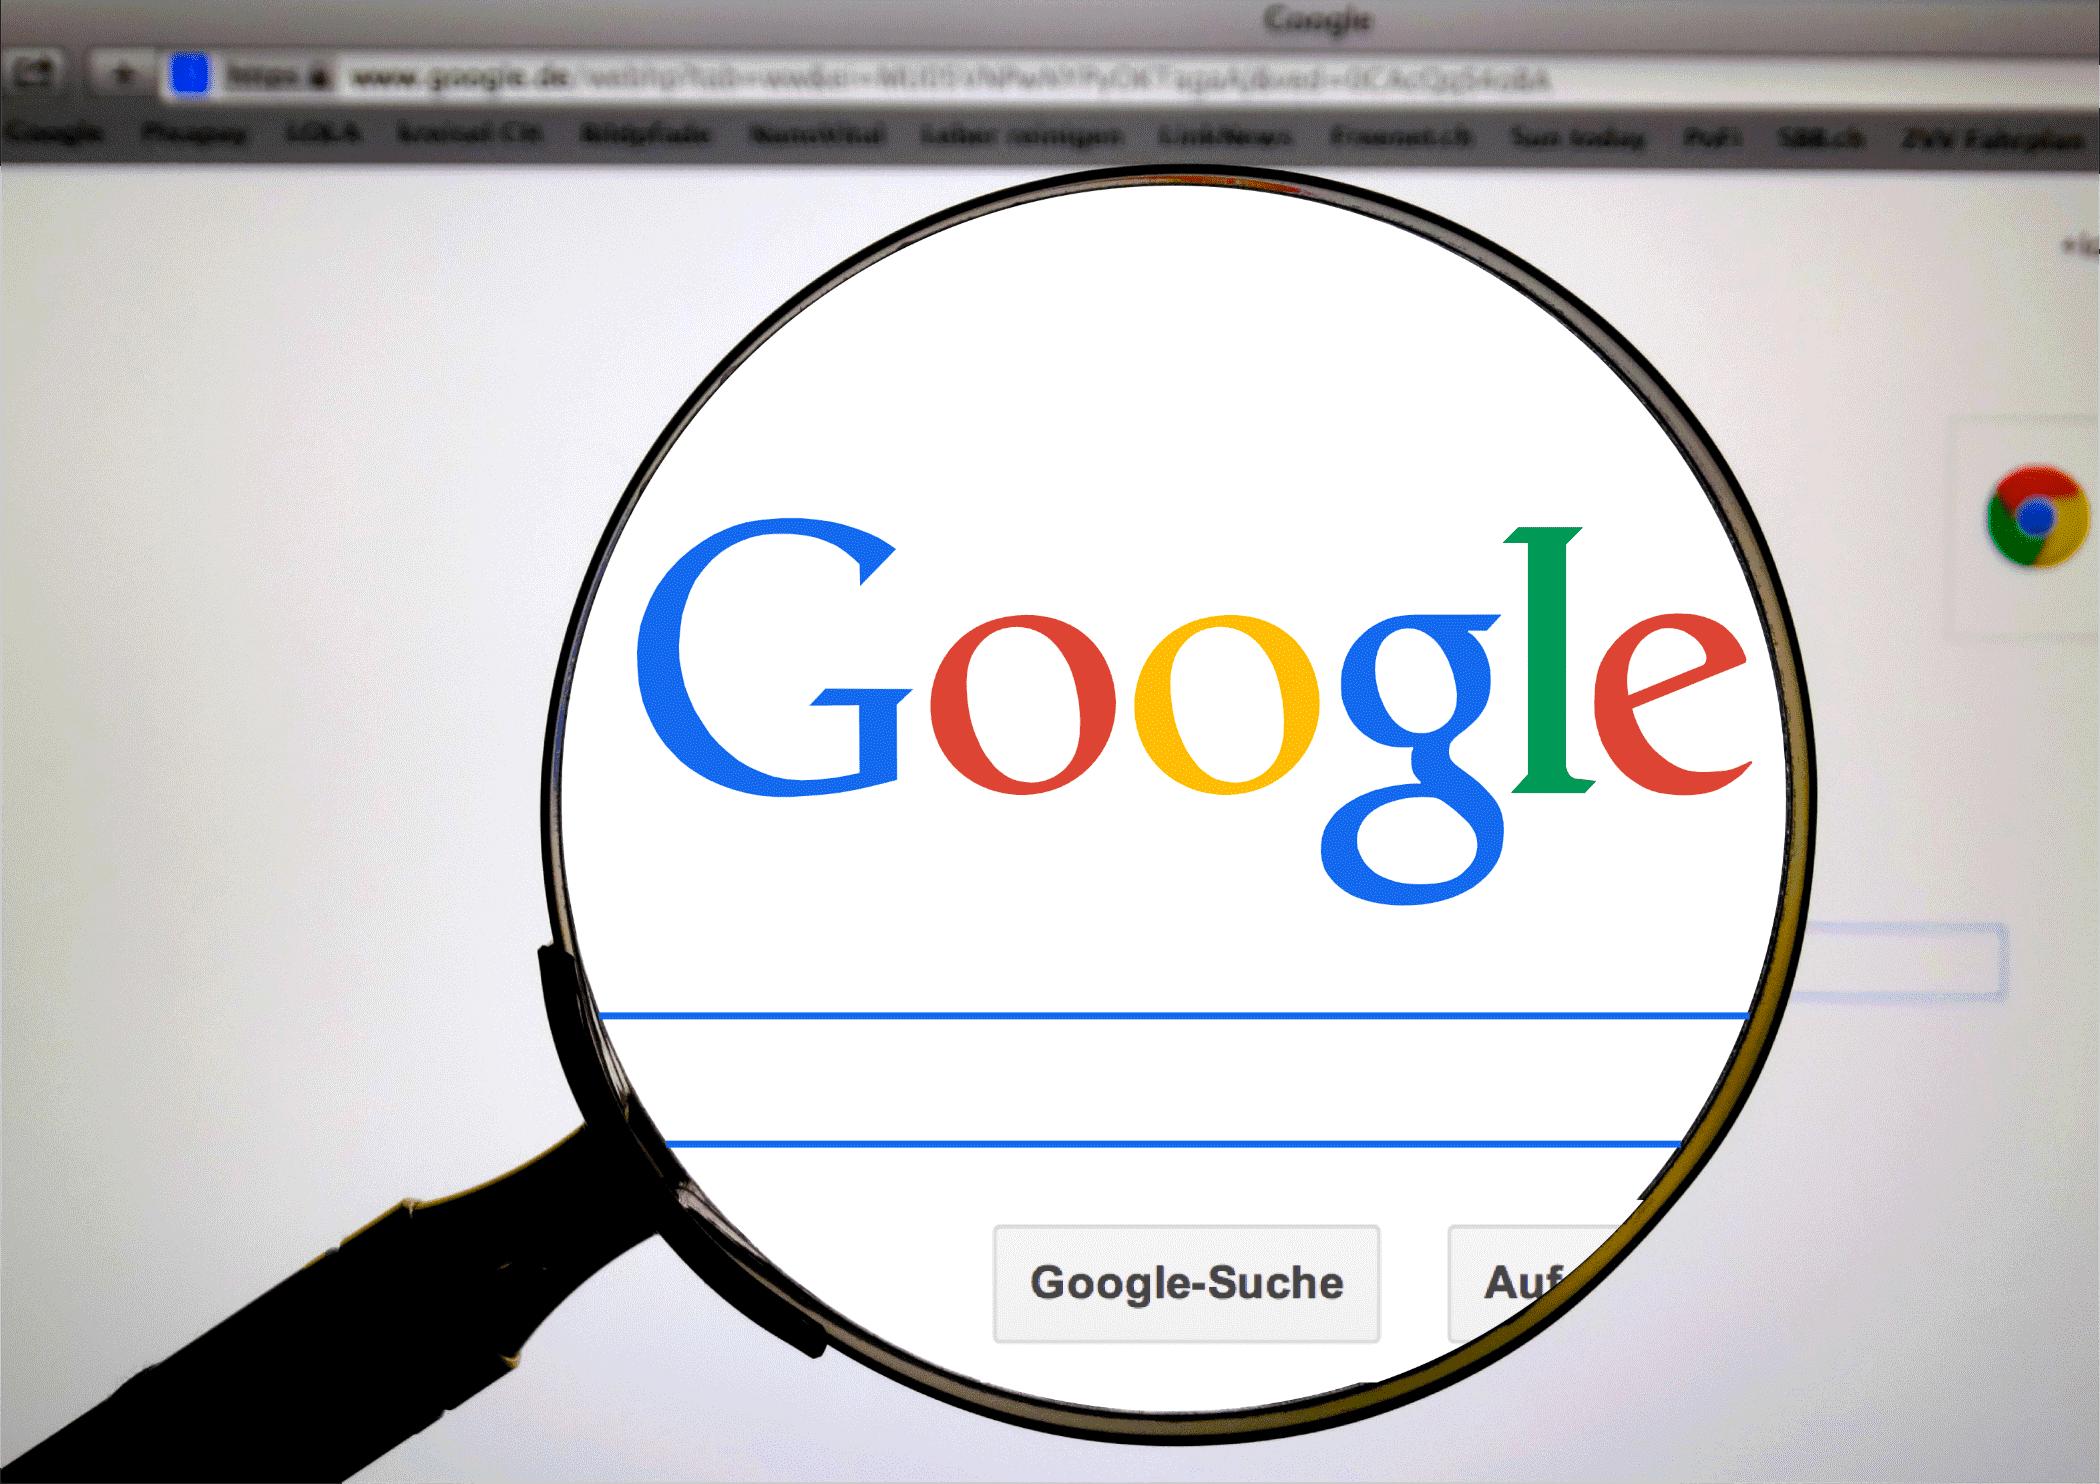 google, www, online search